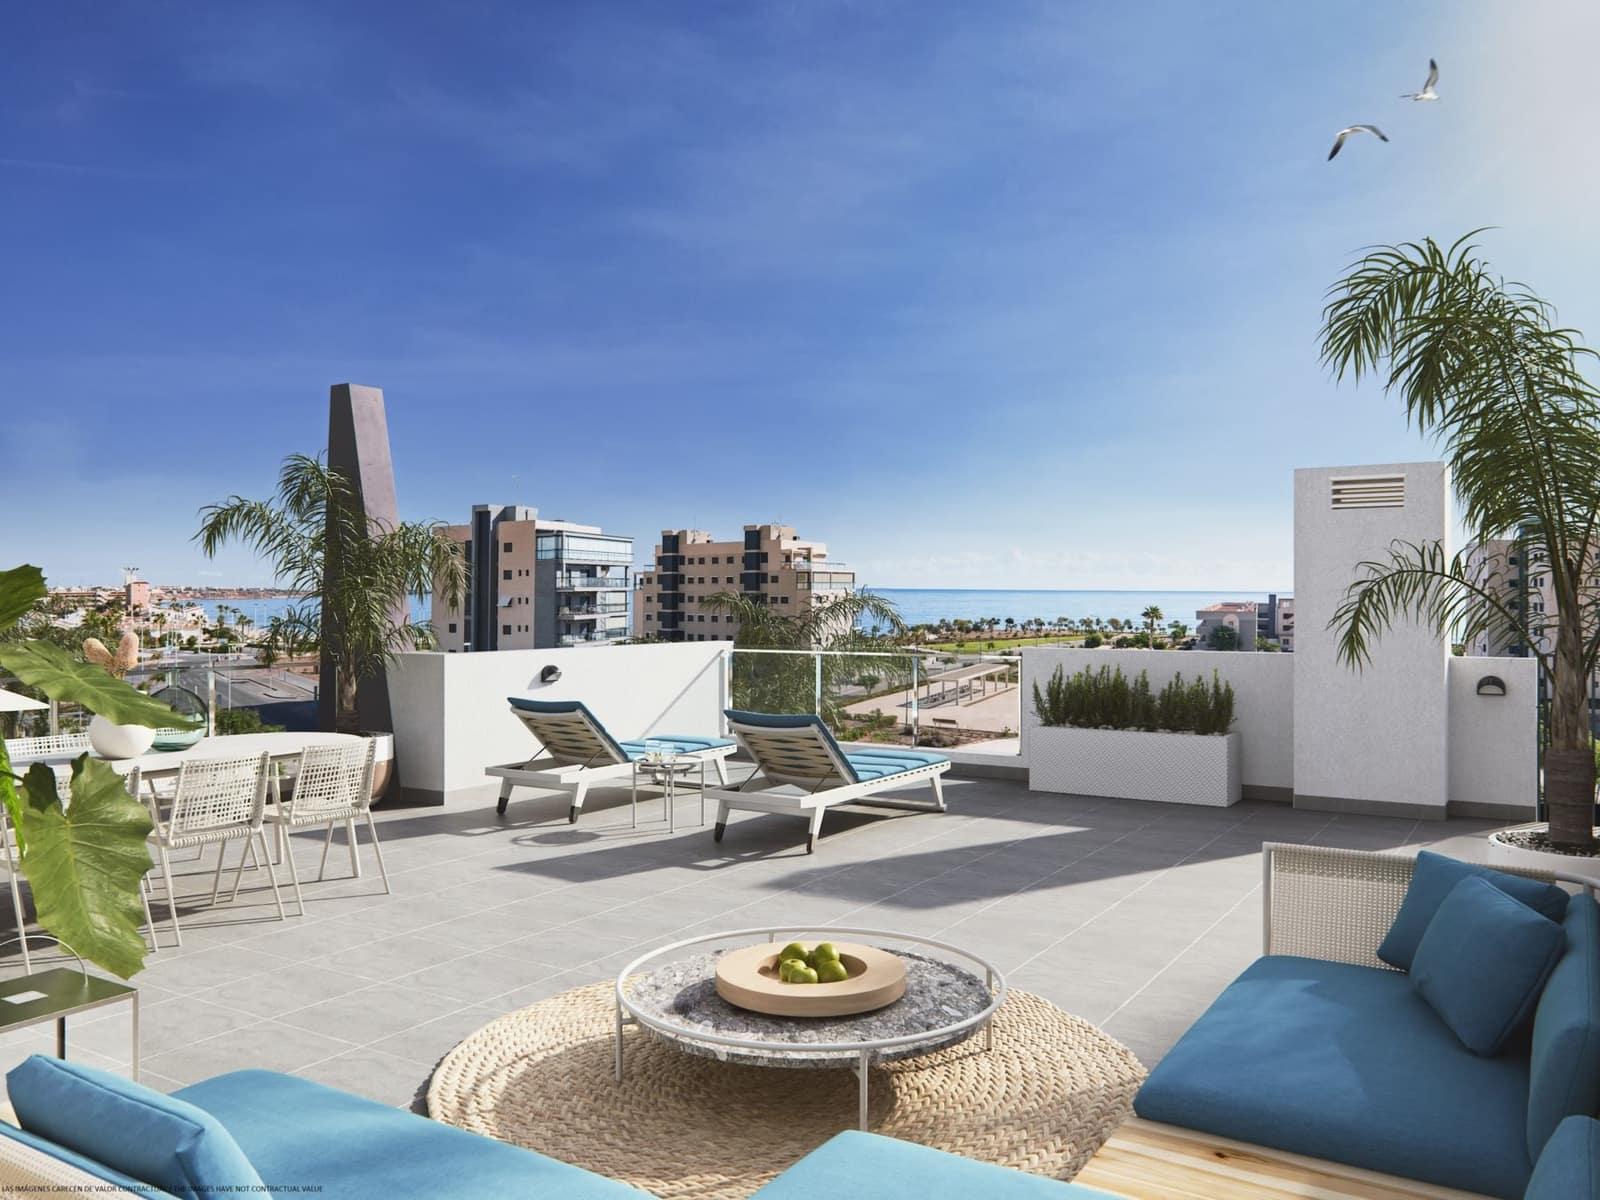 Apartamento de 2 habitaciones en Pilar de la Horadada en venta con piscina - 169.900 € (Ref: 5091315)